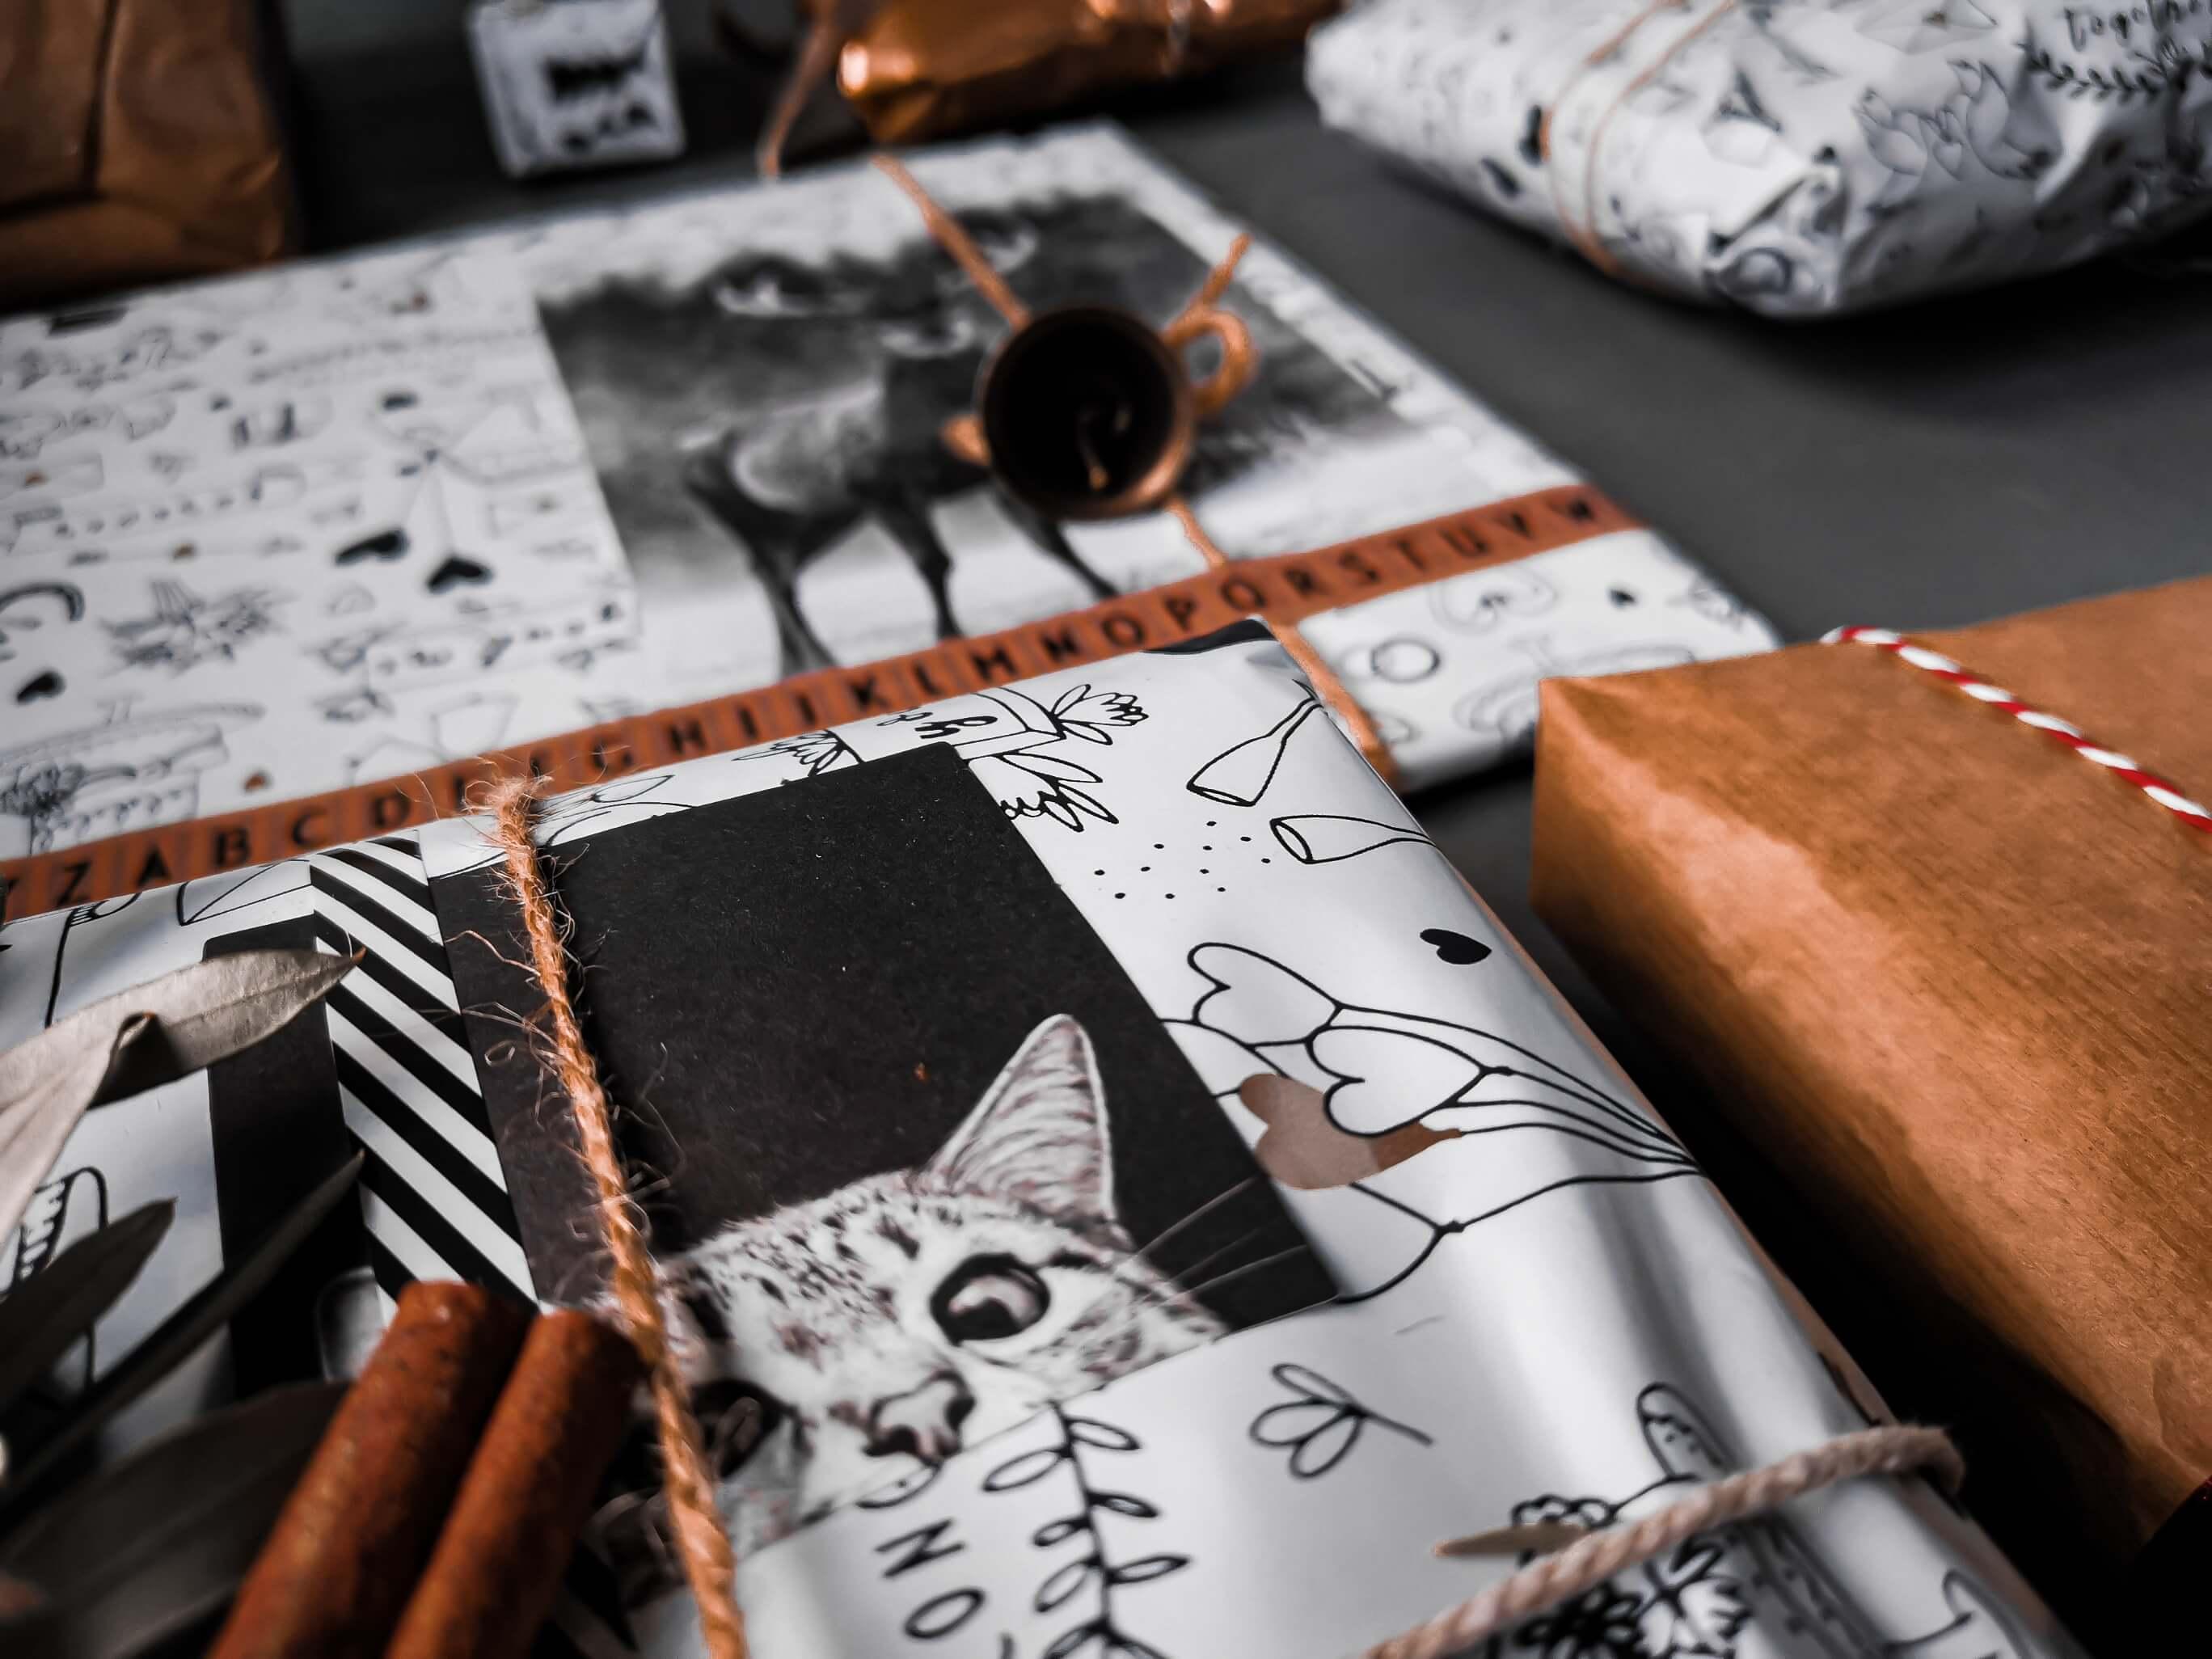 IMG 20191207 110623 resized 20191208 060333330 - Geschenke verpacken: 11 kreative Tipps zum Selbermachen